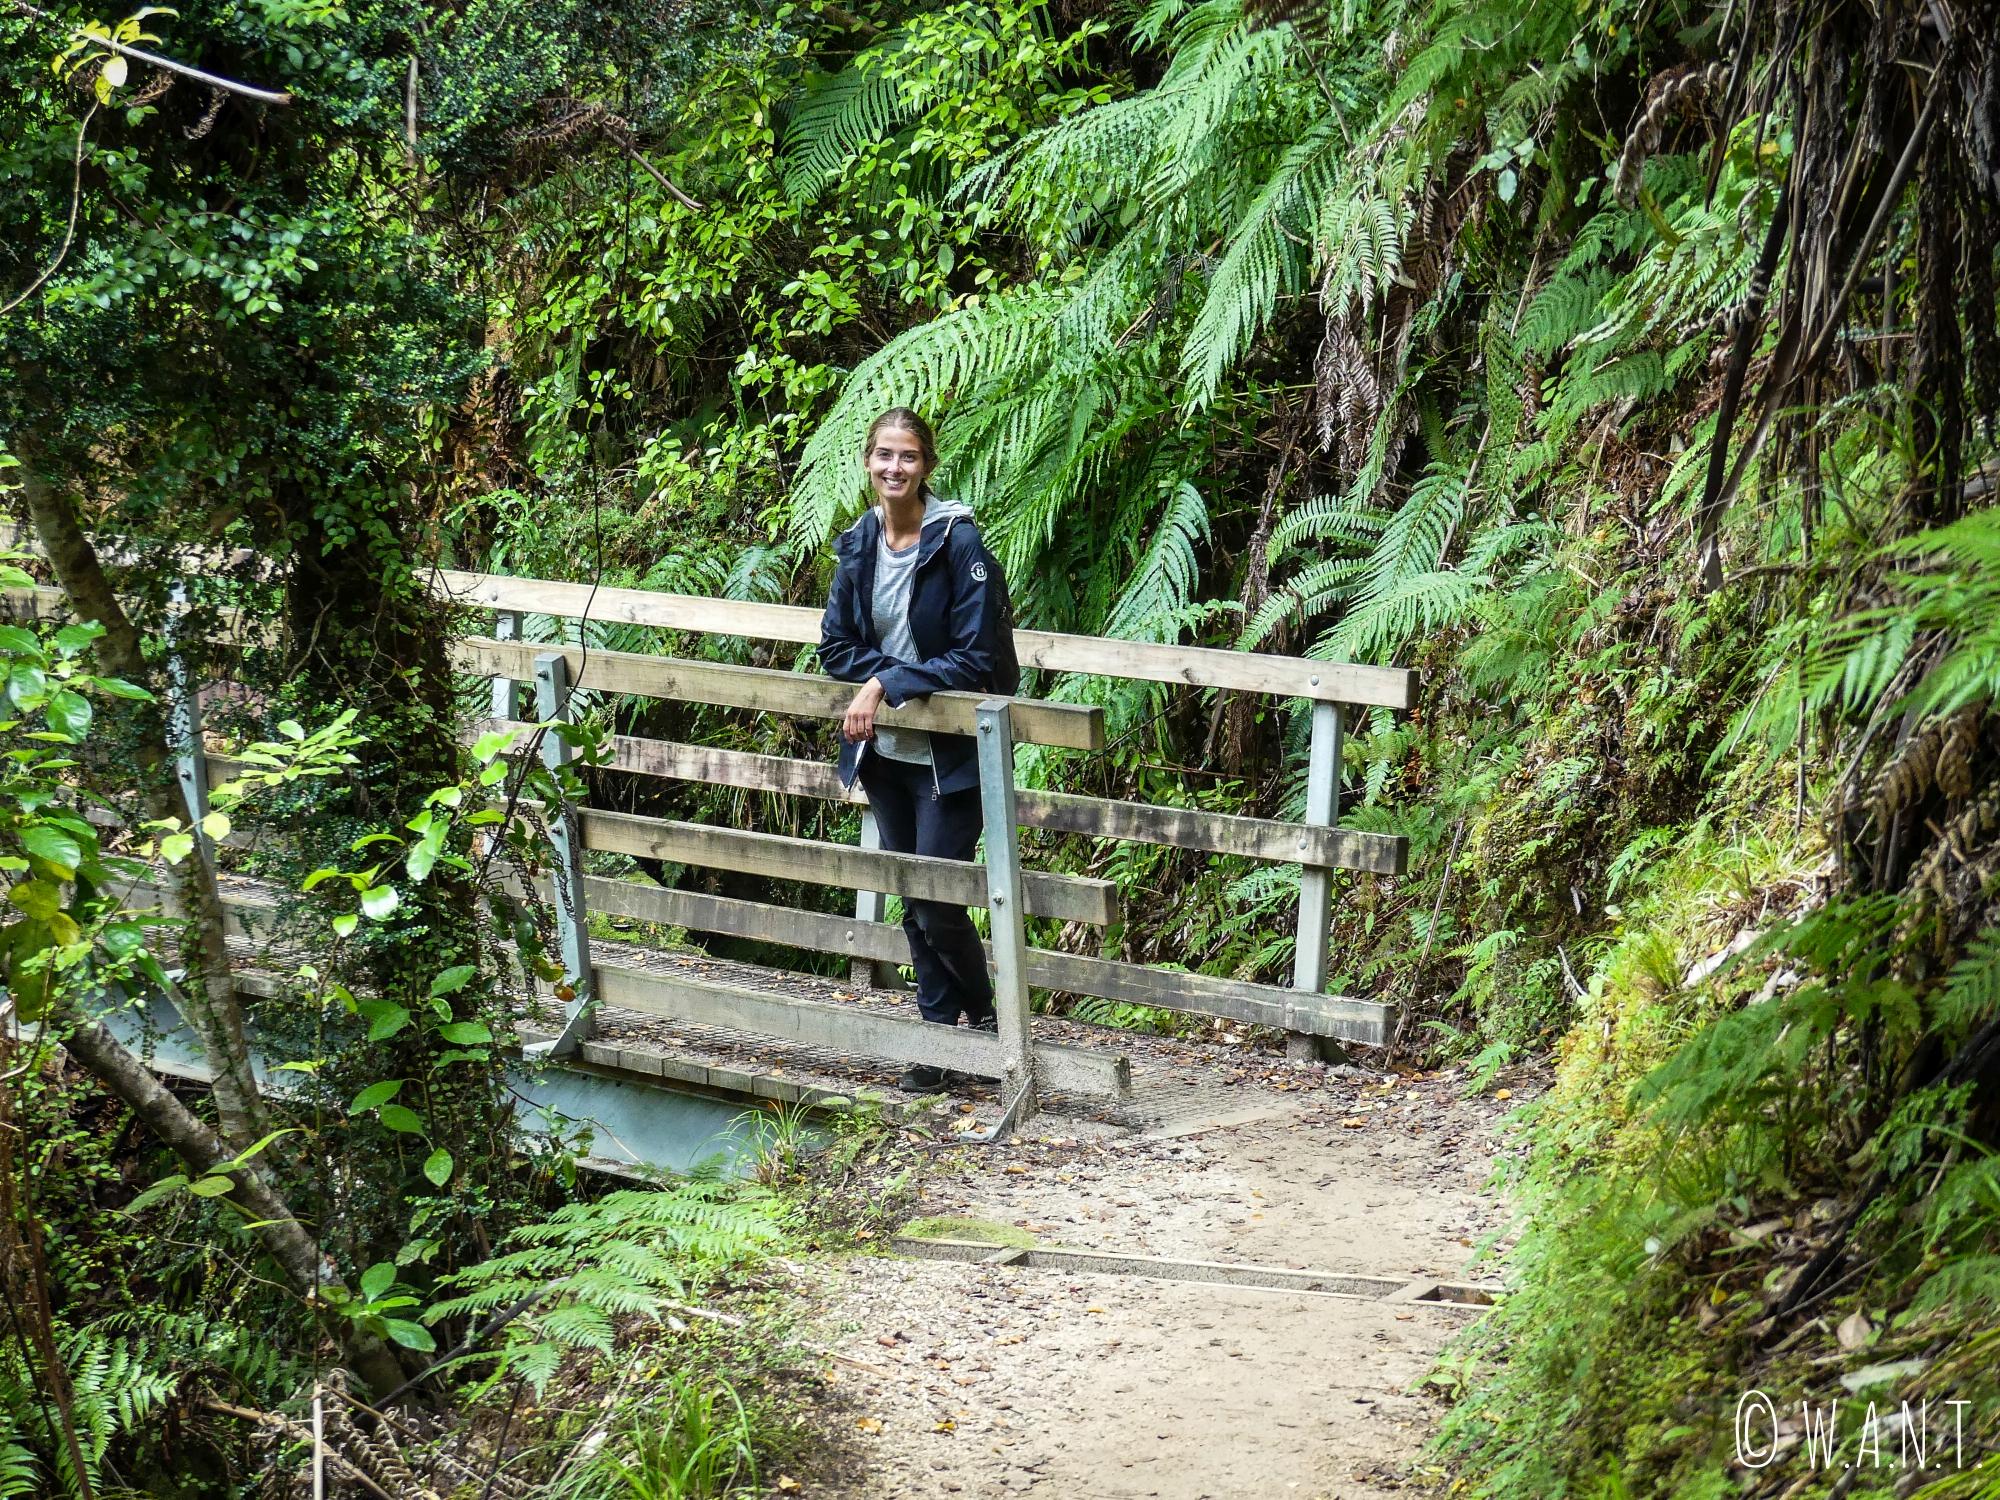 Marion sur la randonnée Abel Tasman Coast Track en Nouvelle-Zélande